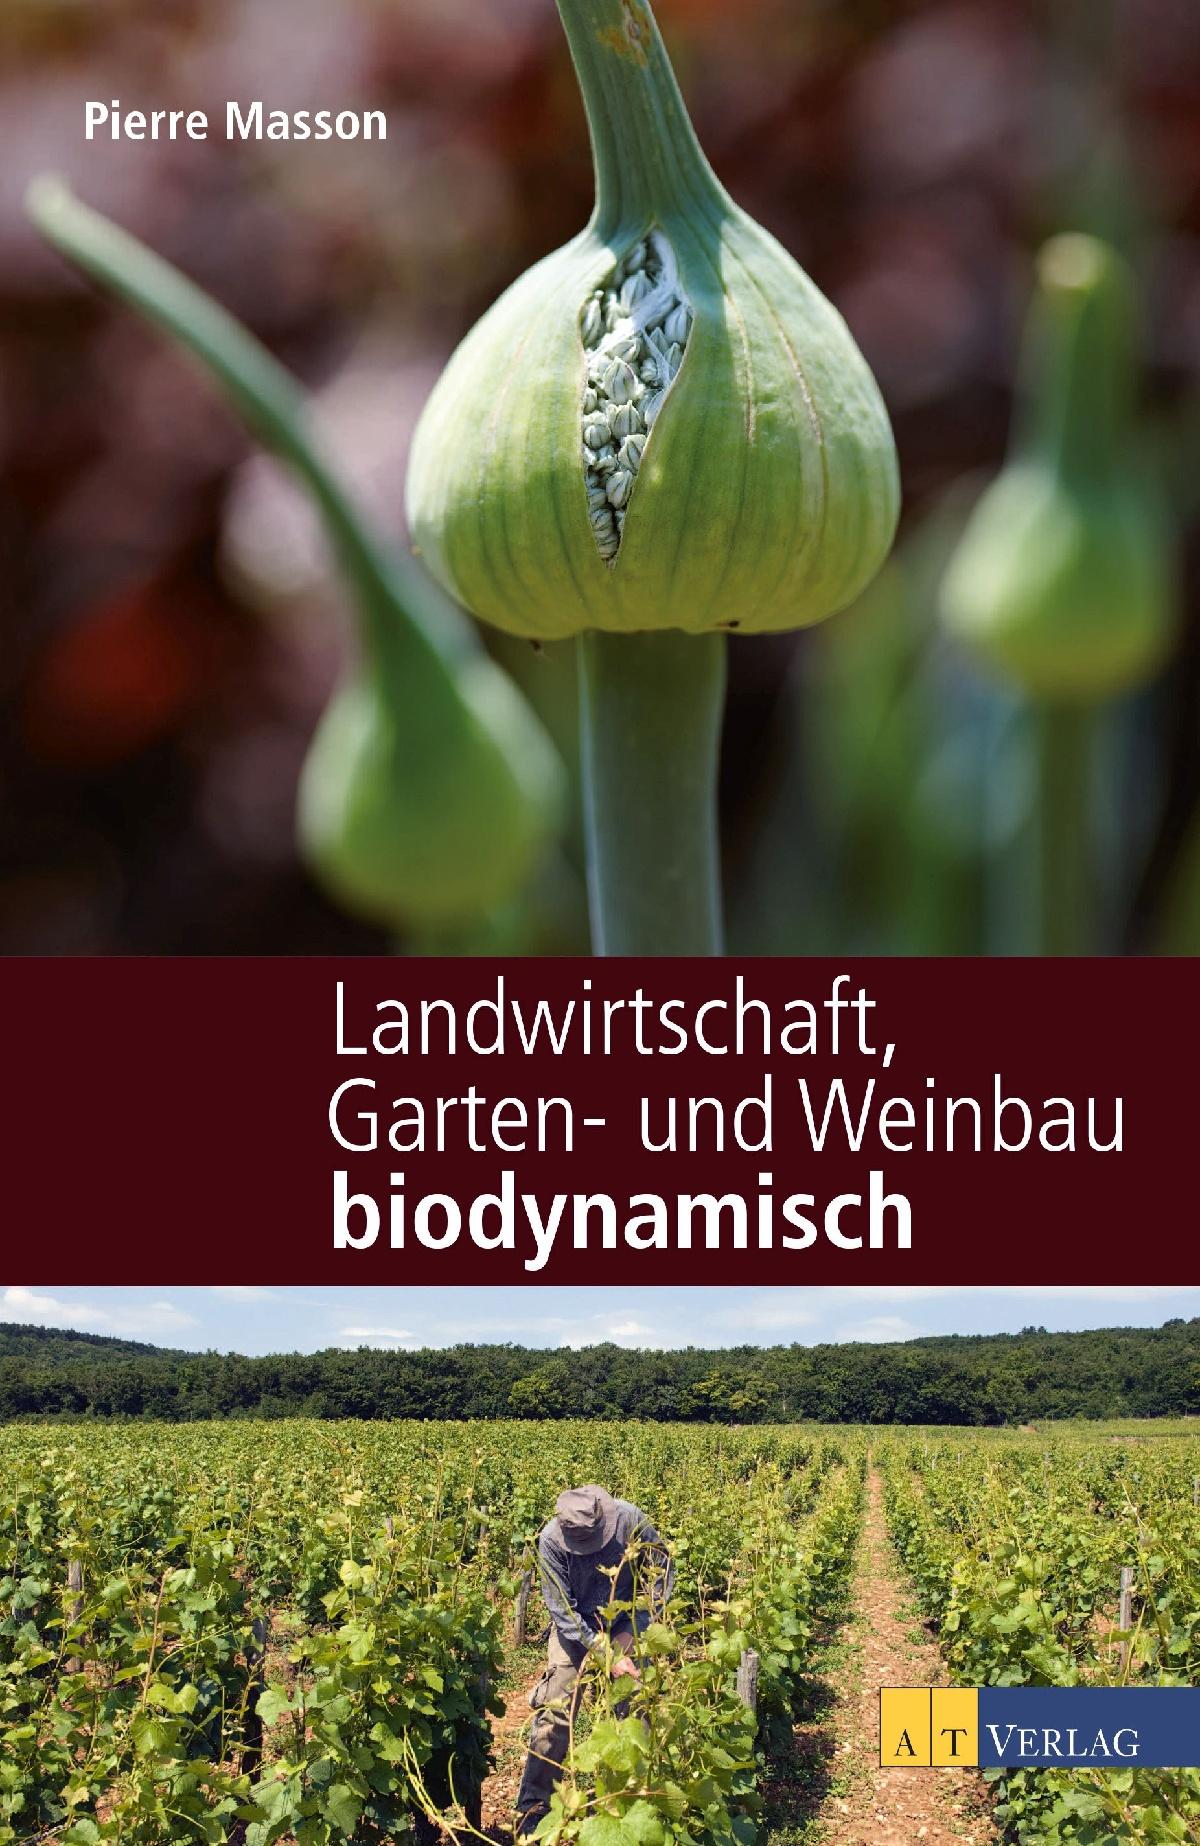 Landwirtschaft, Garten- und Weinbau biodynamisch